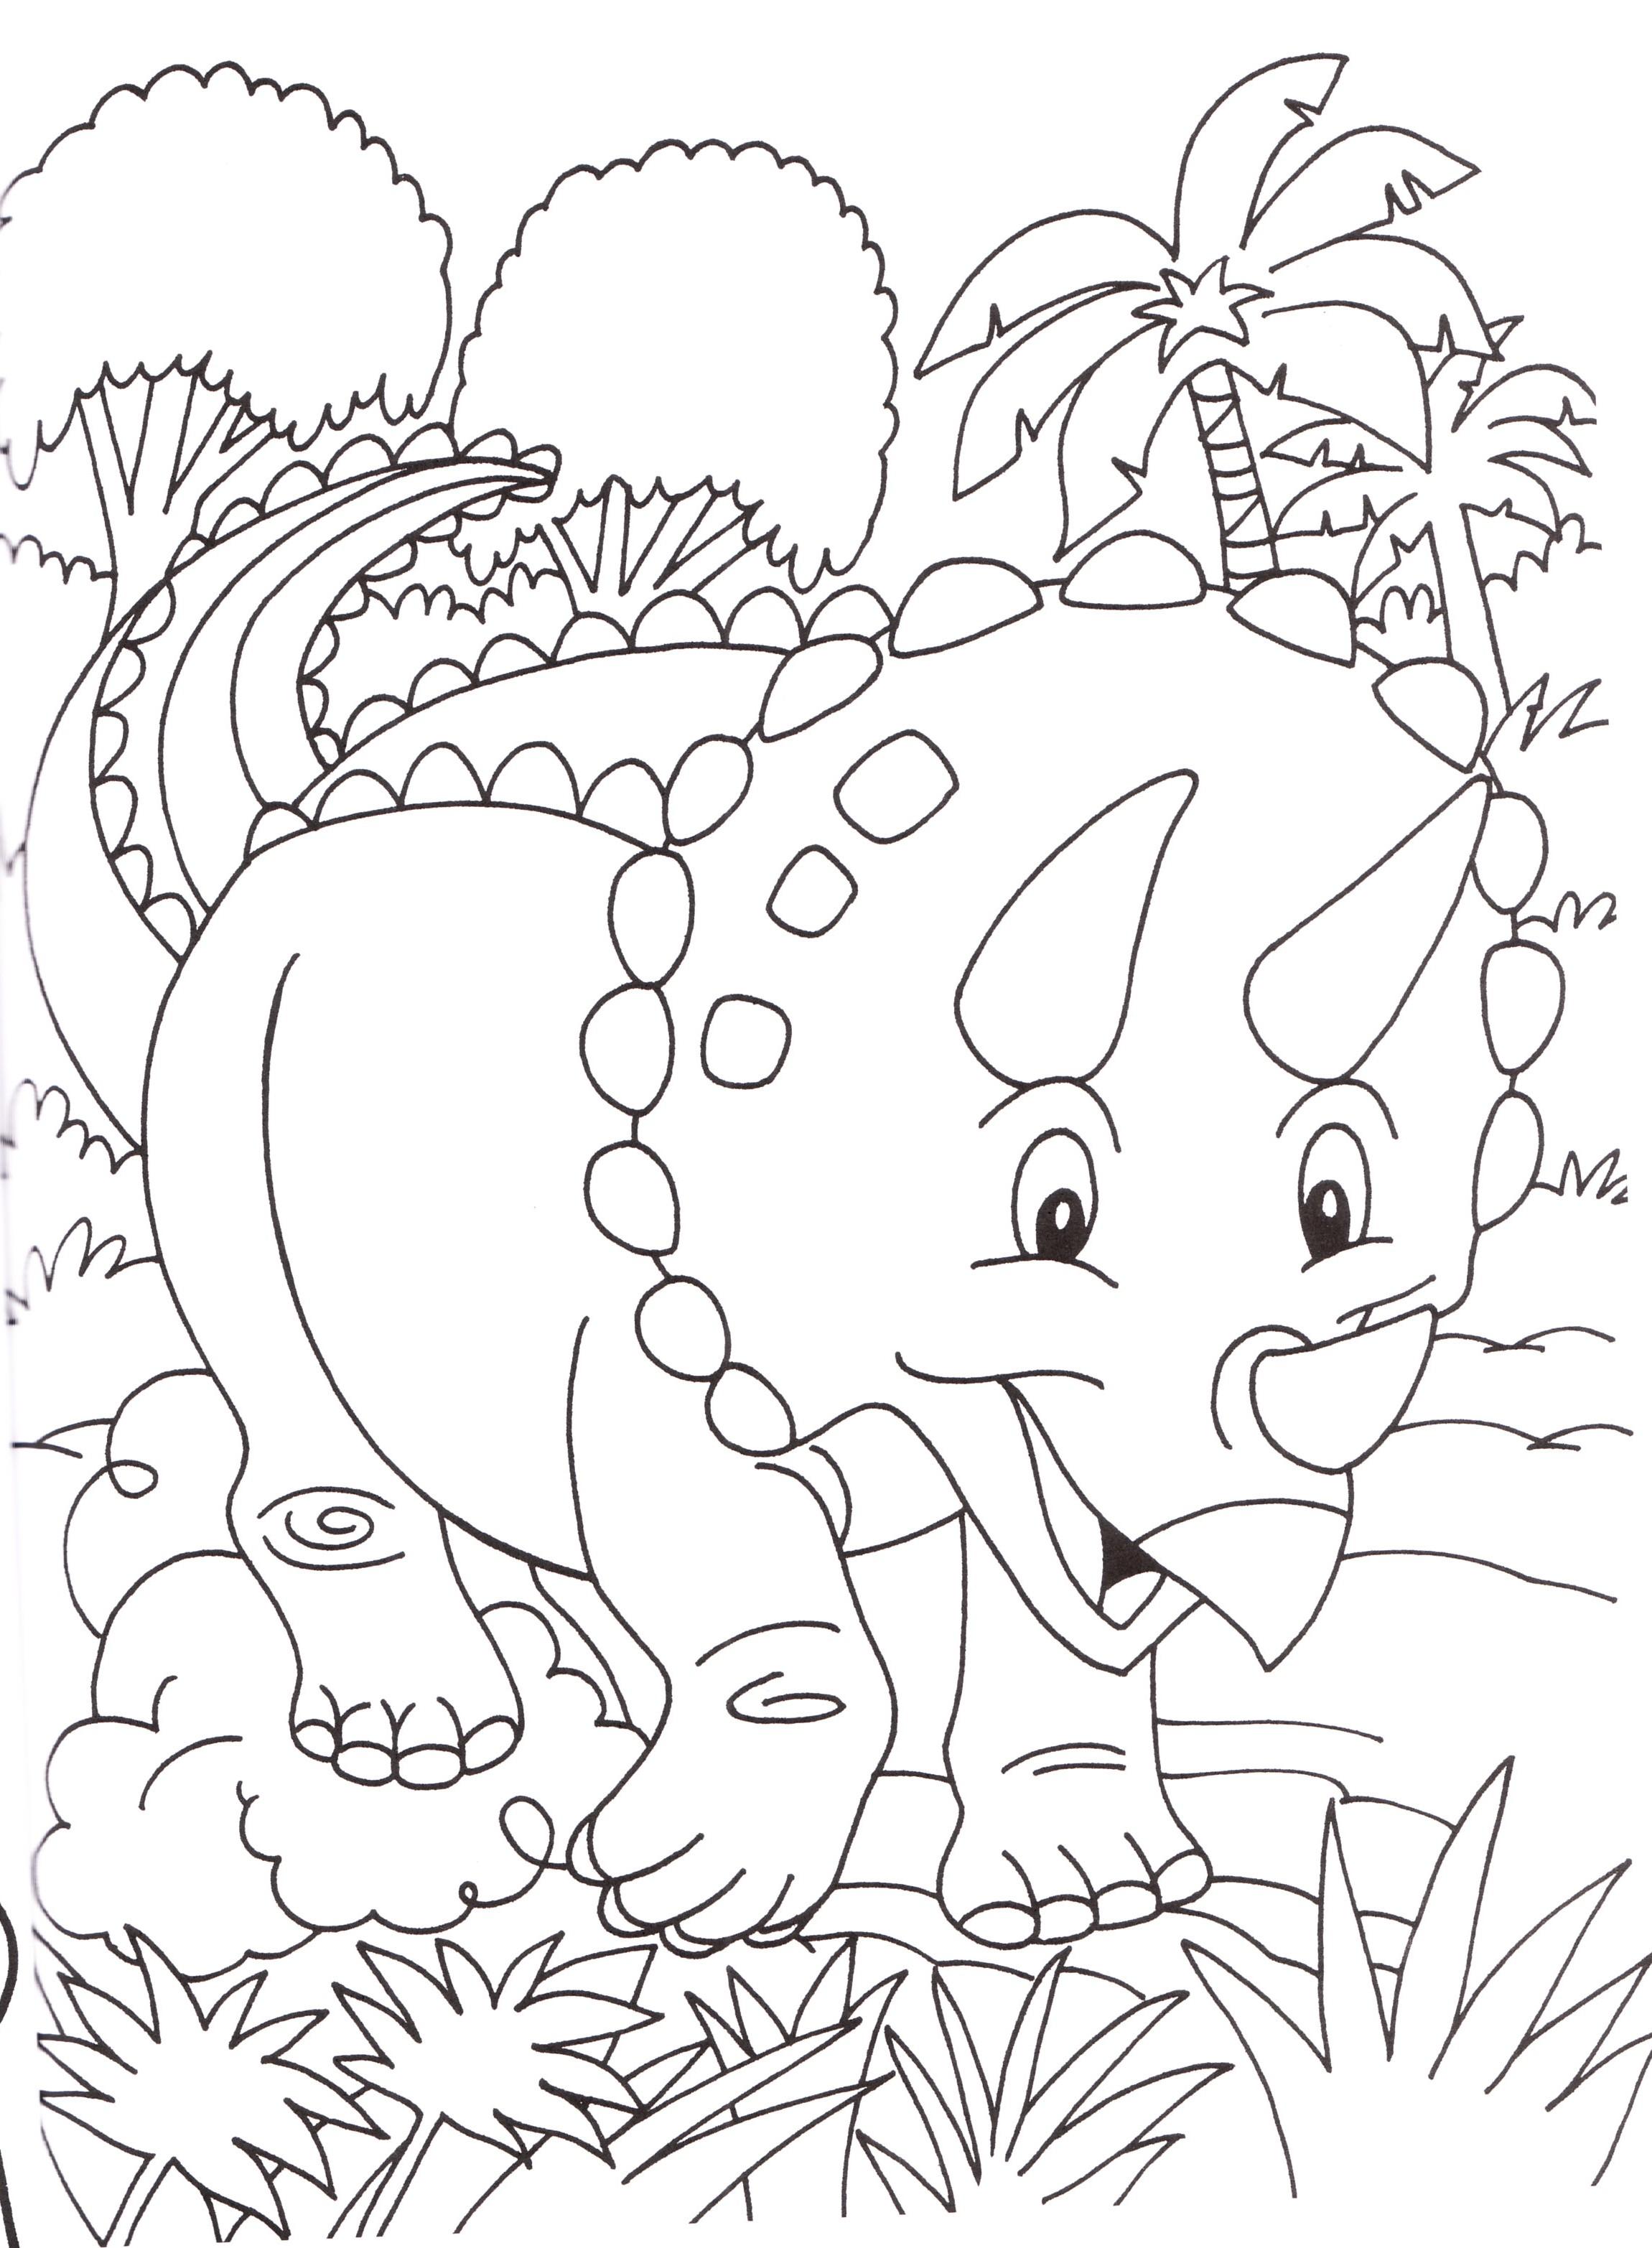 Disegni stampare colorare bambini dinosauri for Disegni da colorare per adulti e ragazzi